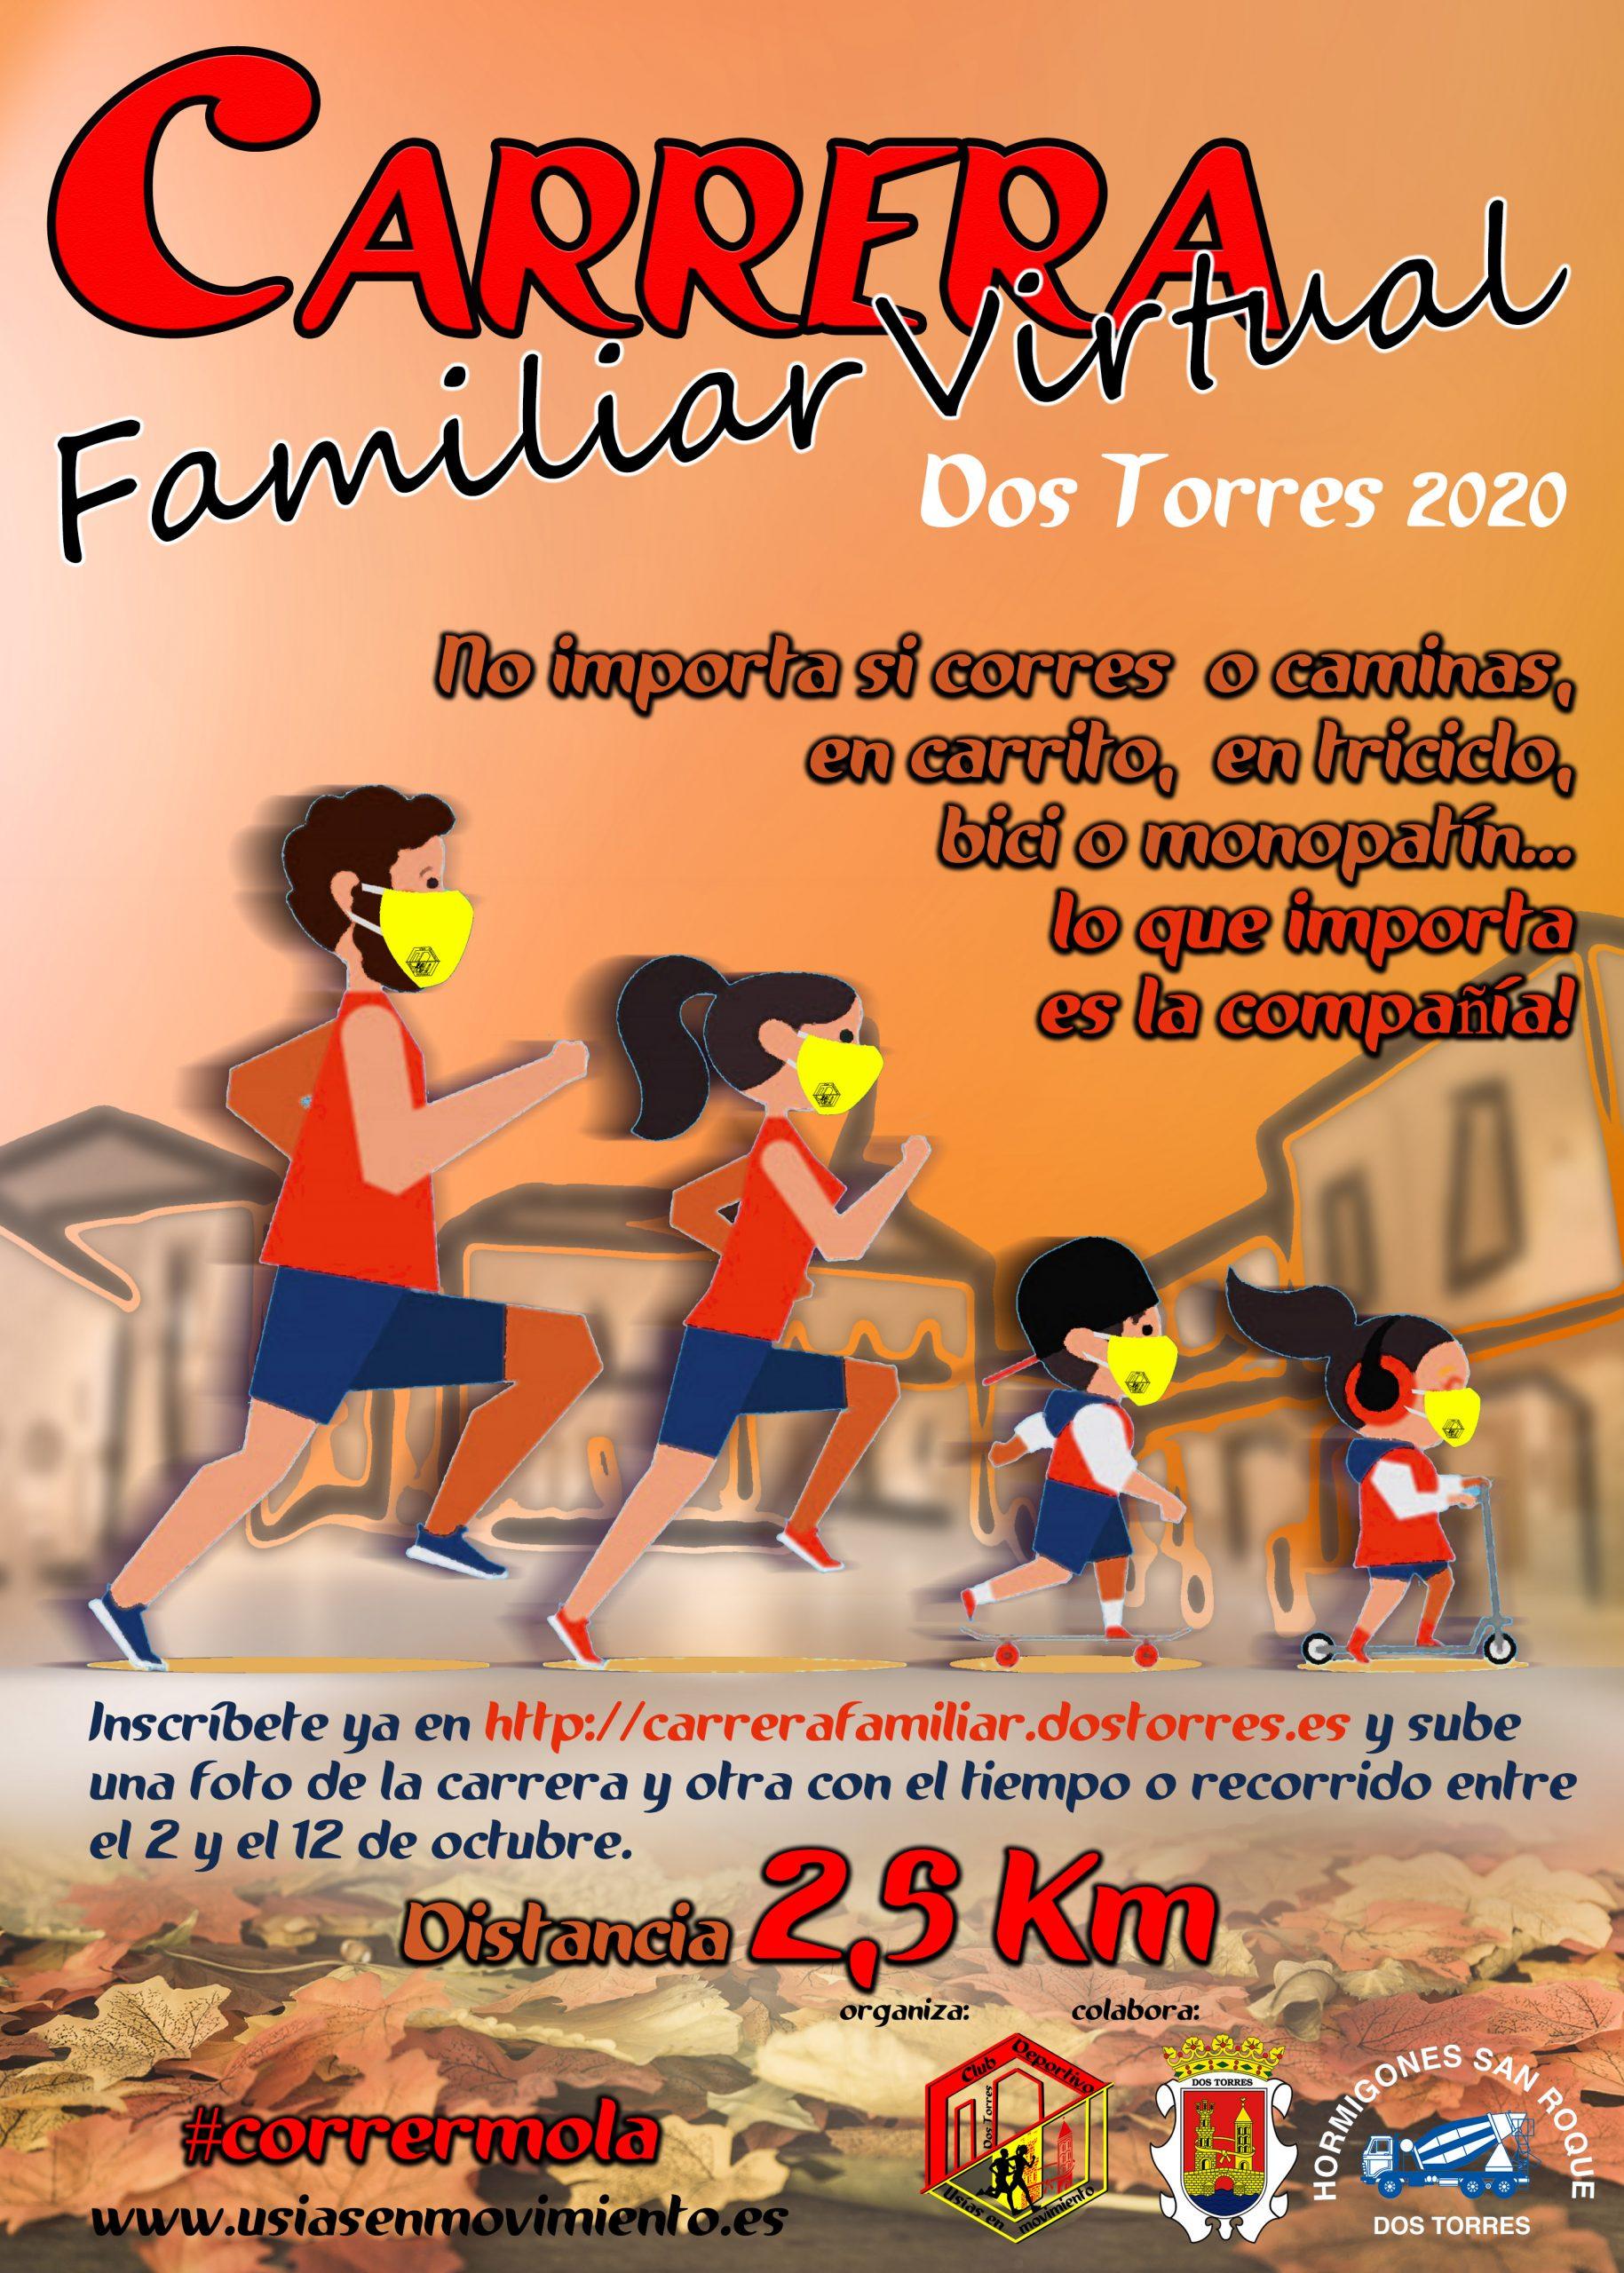 CARRERA FAMILIAR 2020